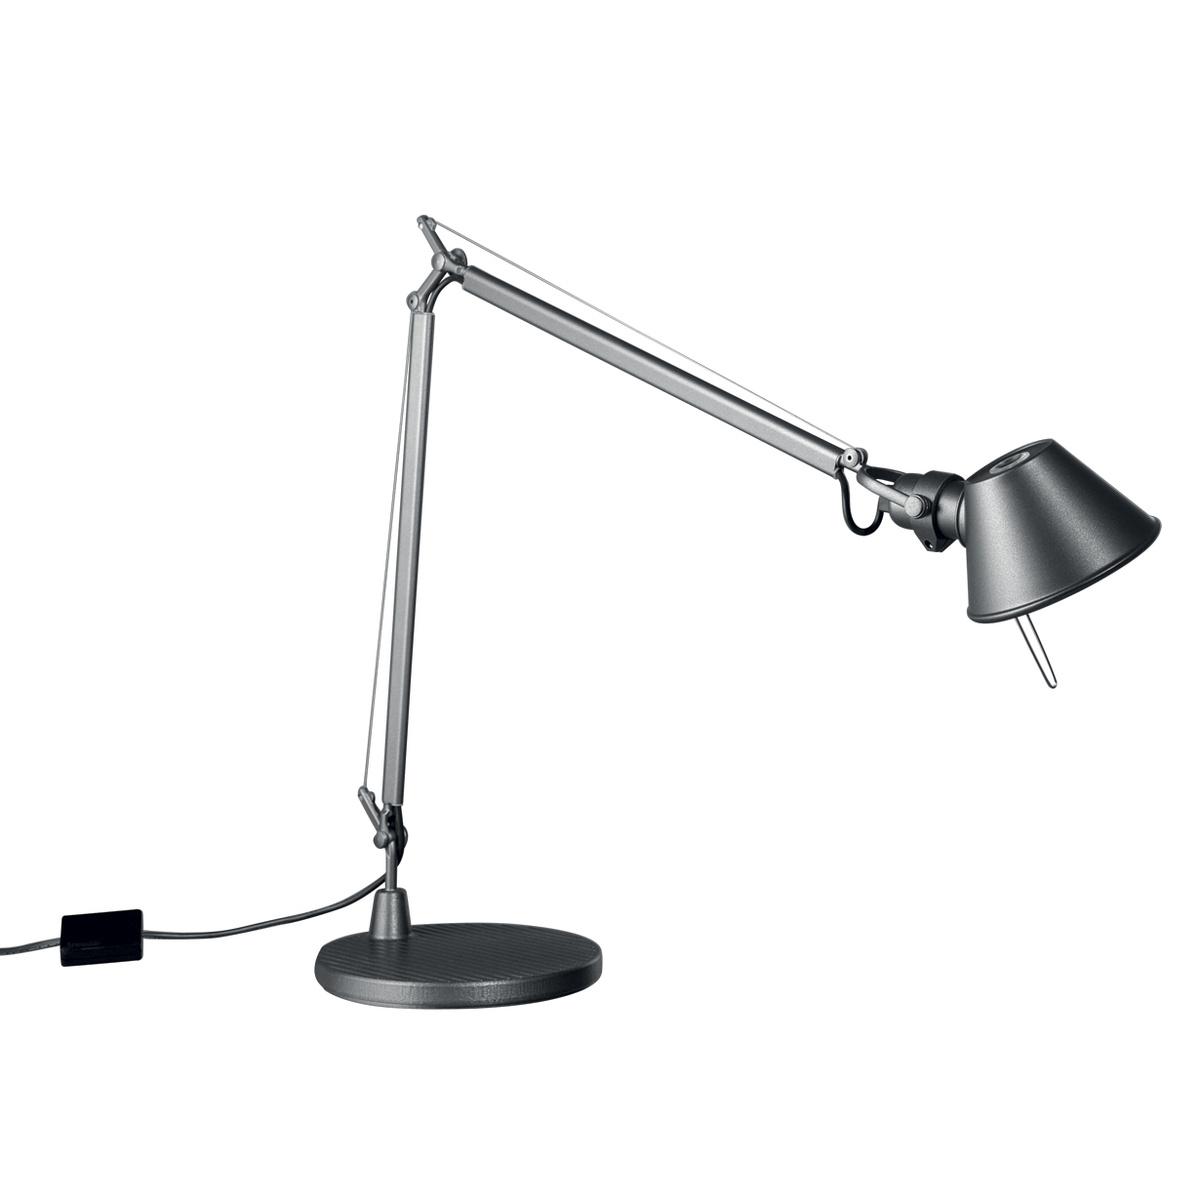 Lampada da tavolo tolomeo mini led con sensore di presenza by artemide lovethesign - Lampada da tavolo tolomeo ...